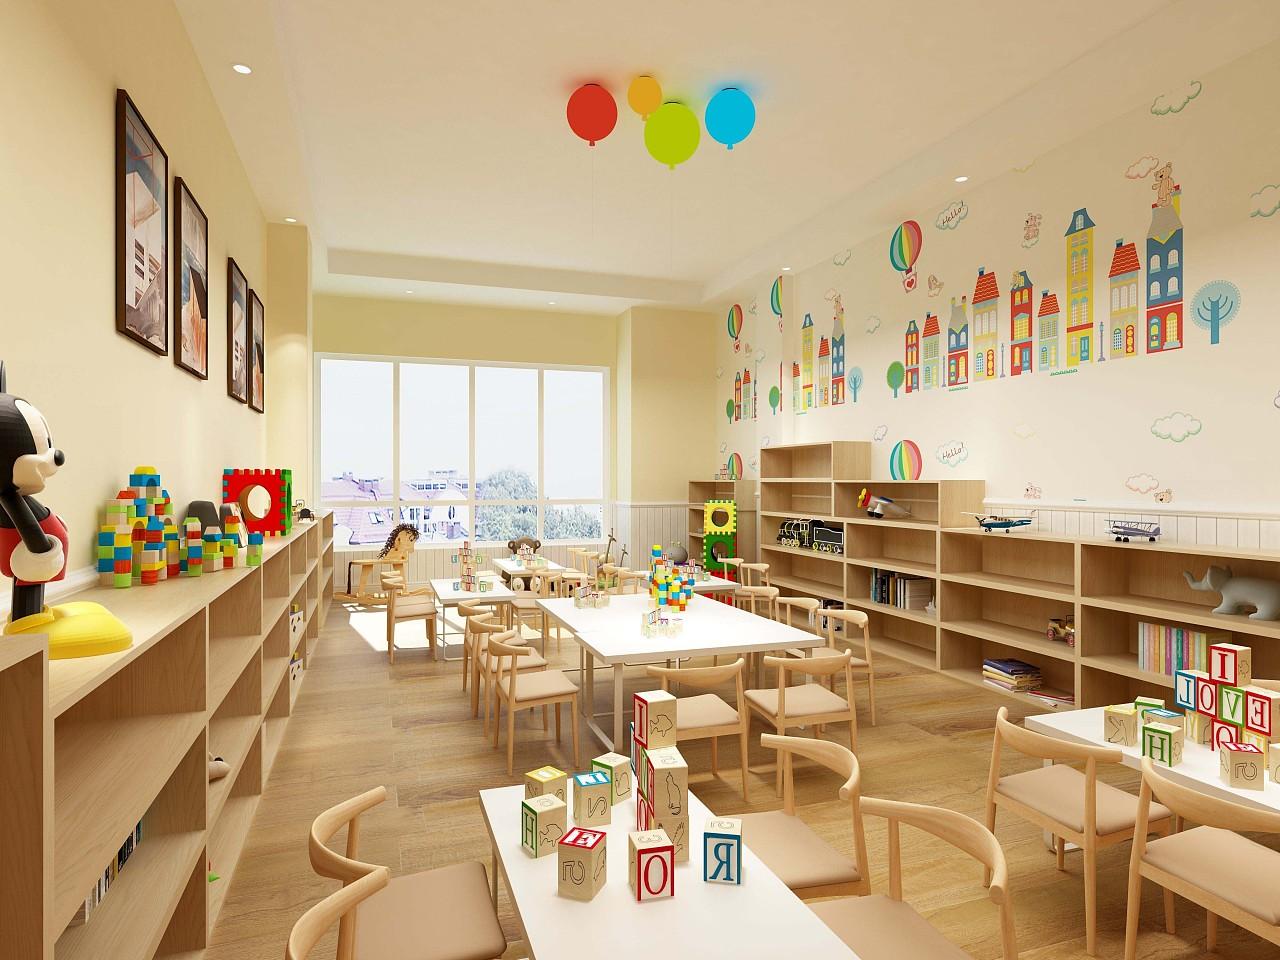 杭州幼儿园装修设计要点